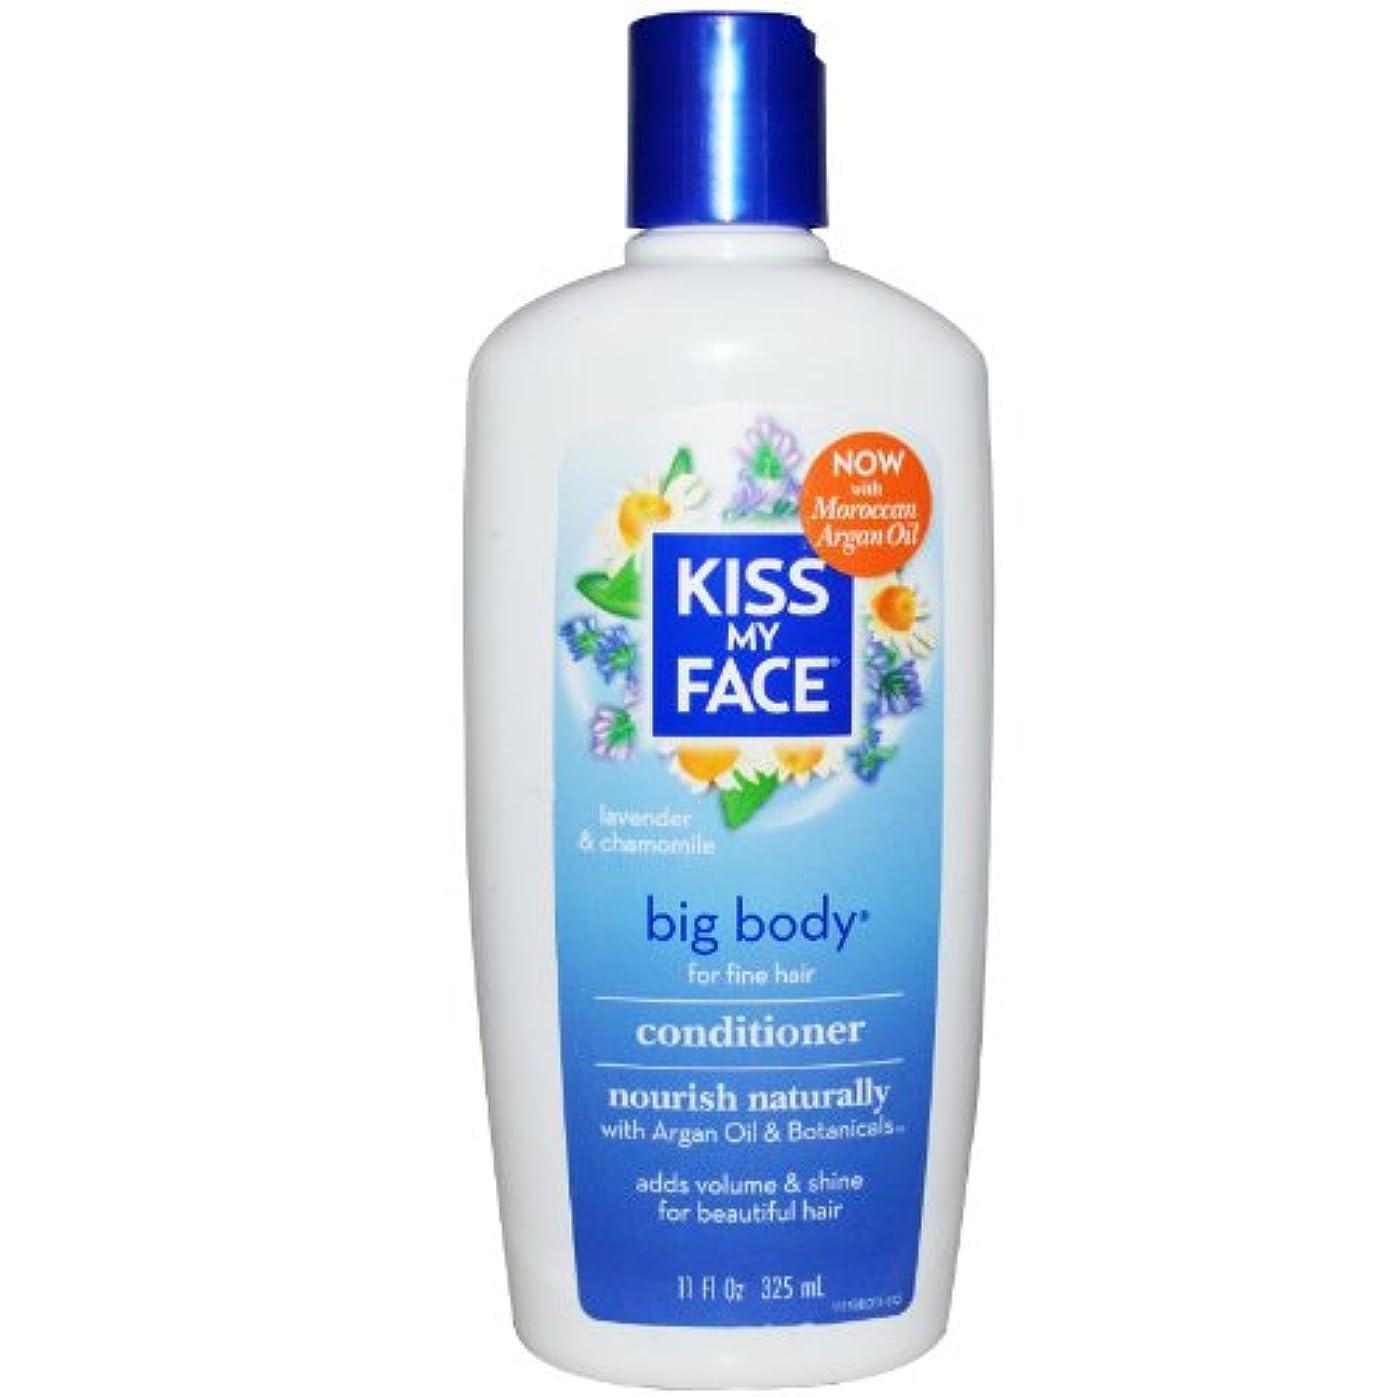 元気砂漠正気Kiss My Face Big Body Conditioner Lavender and Chamomile - 11 fl oz